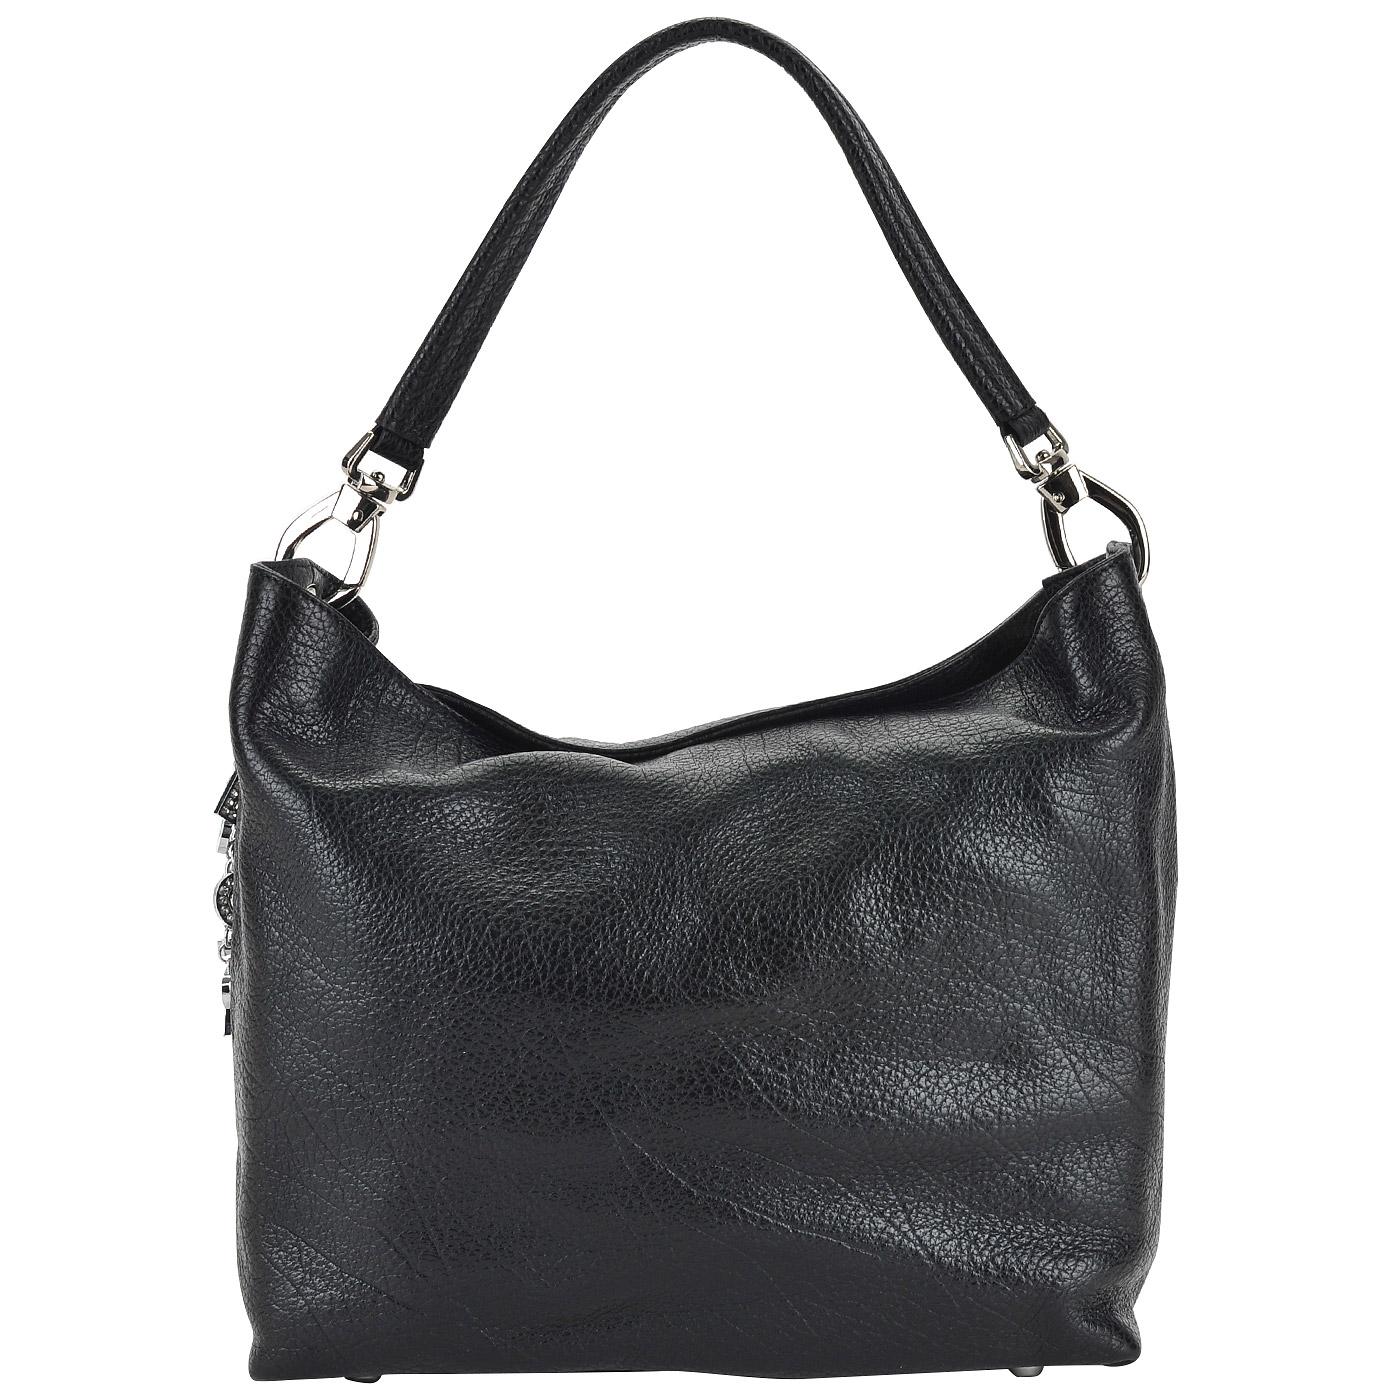 6d606c8c9ab5 ... Женская черная сумка из натуральной кожи Sara Burglar Ariel baby ...